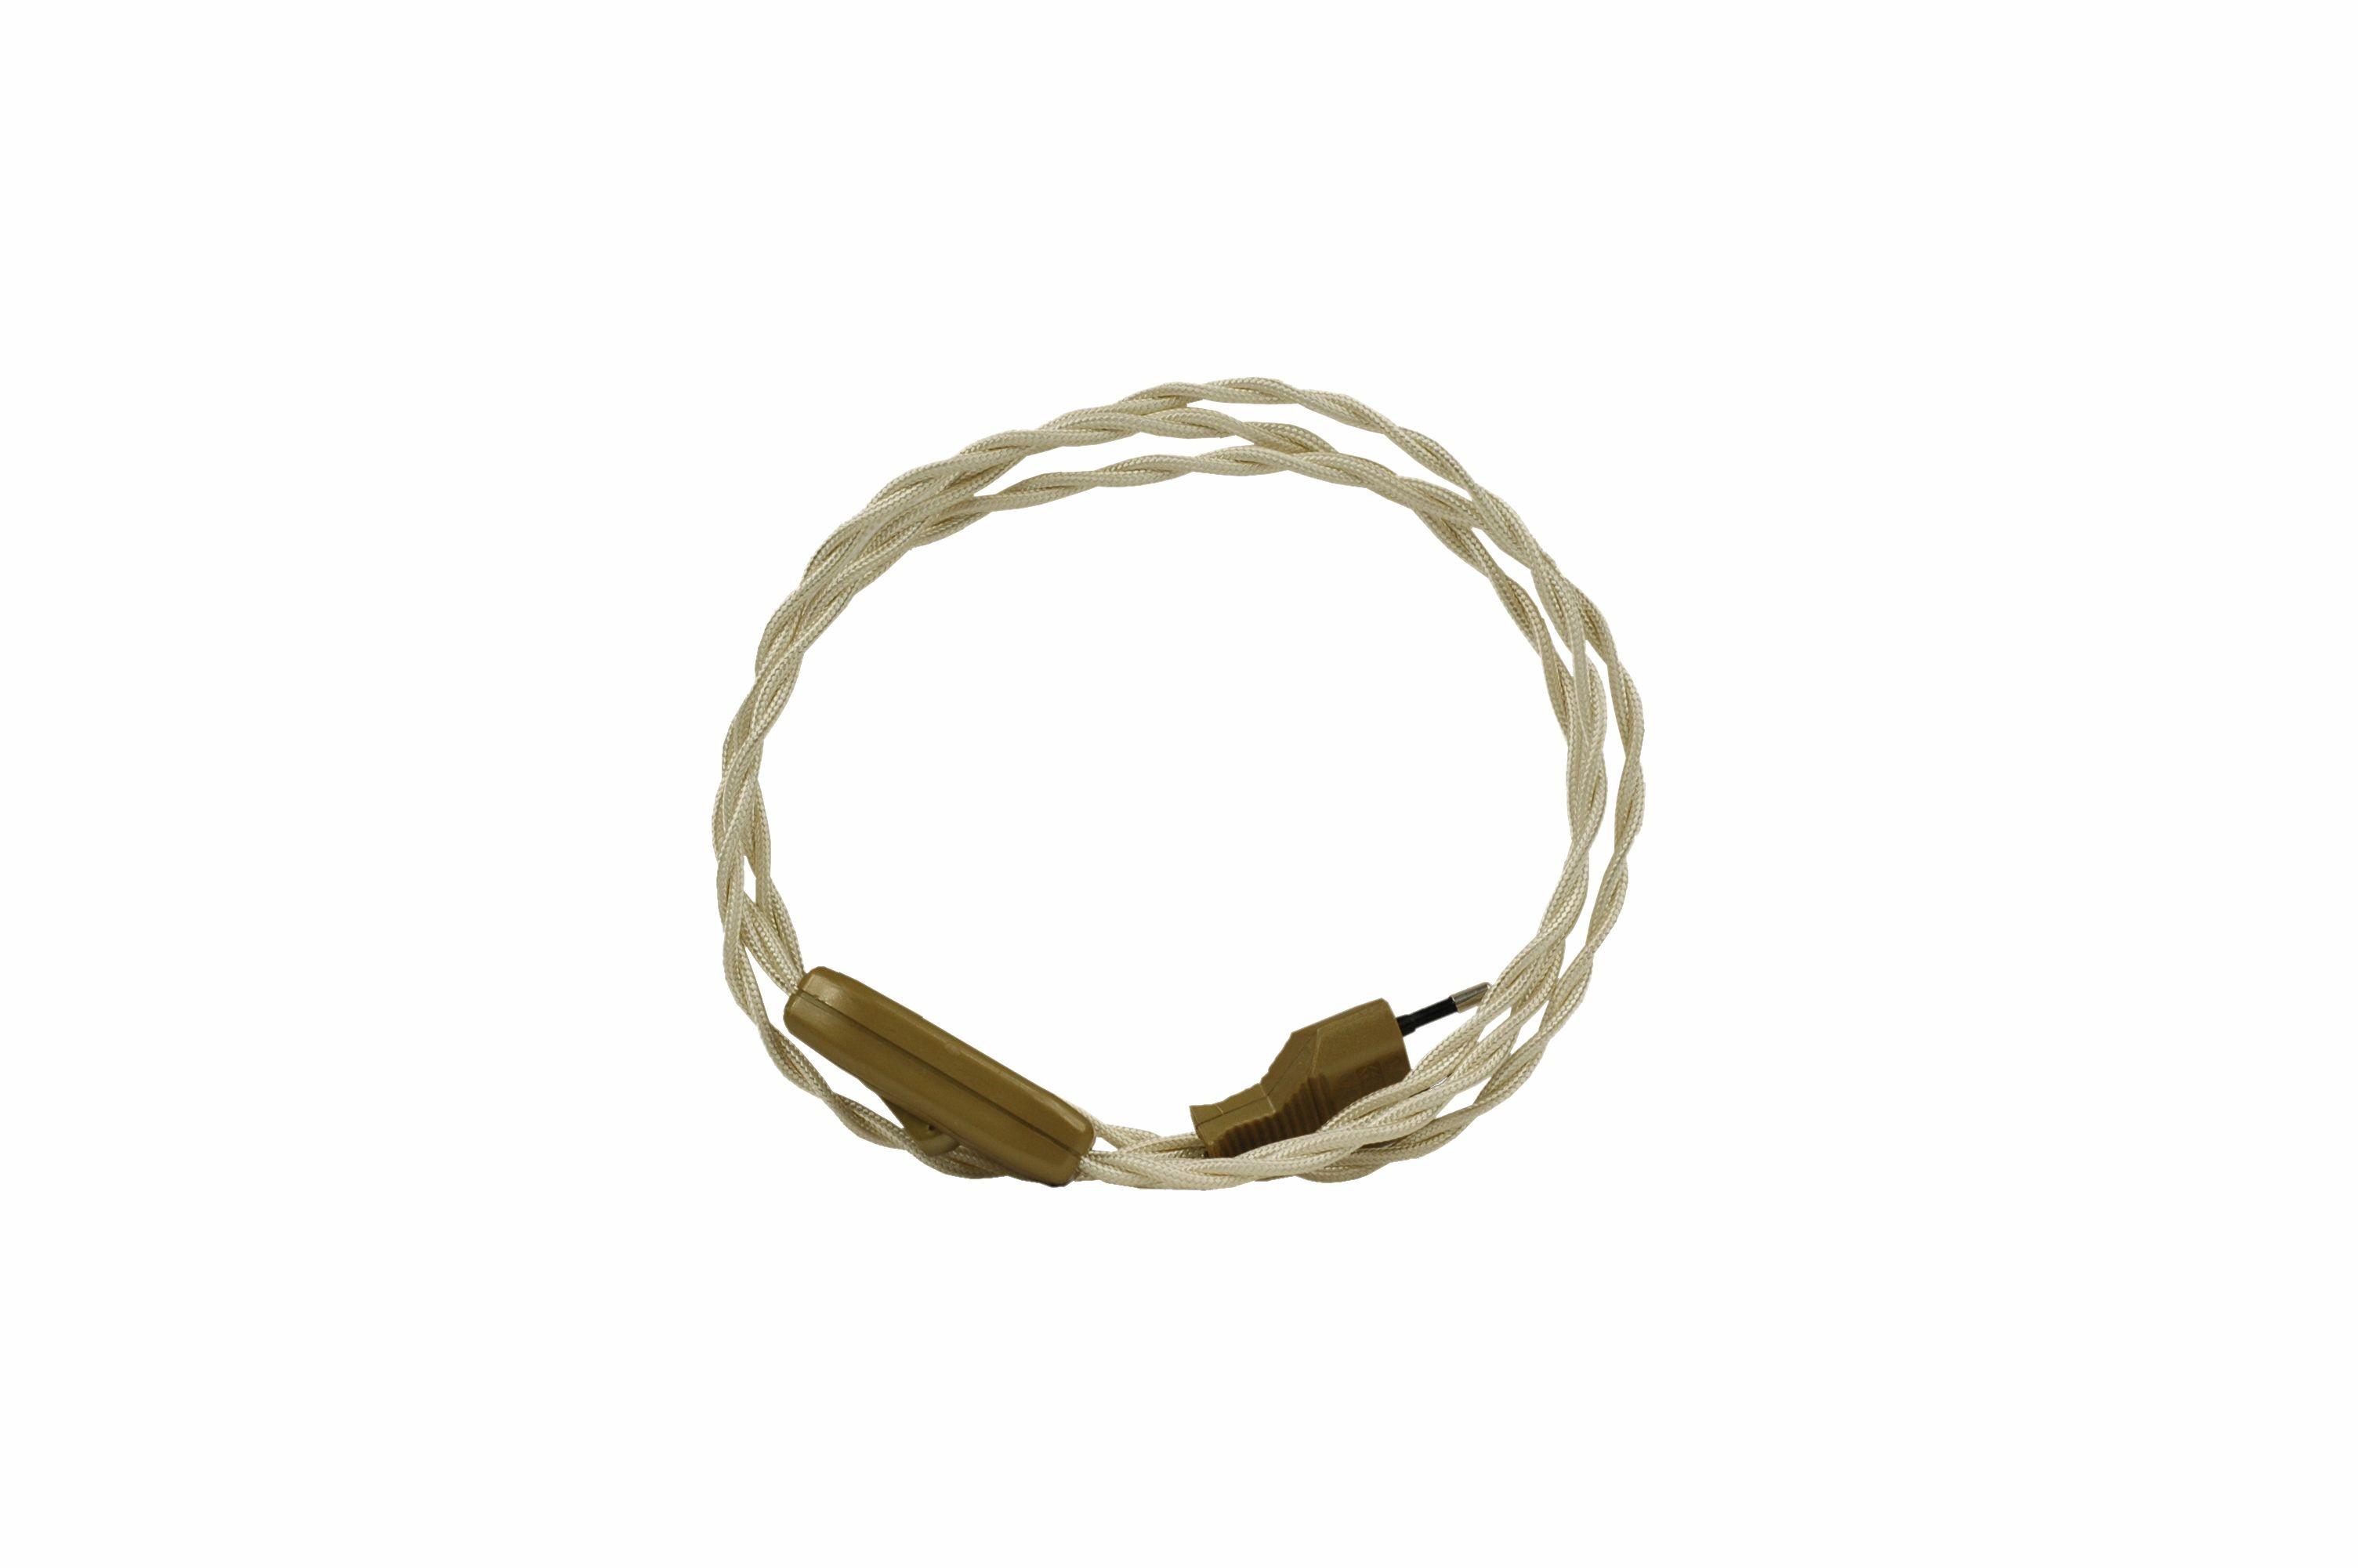 Kabel przyłączeniowy w oplocie skręcanym z wyłącznikiem KOŚĆ SŁONIOWA